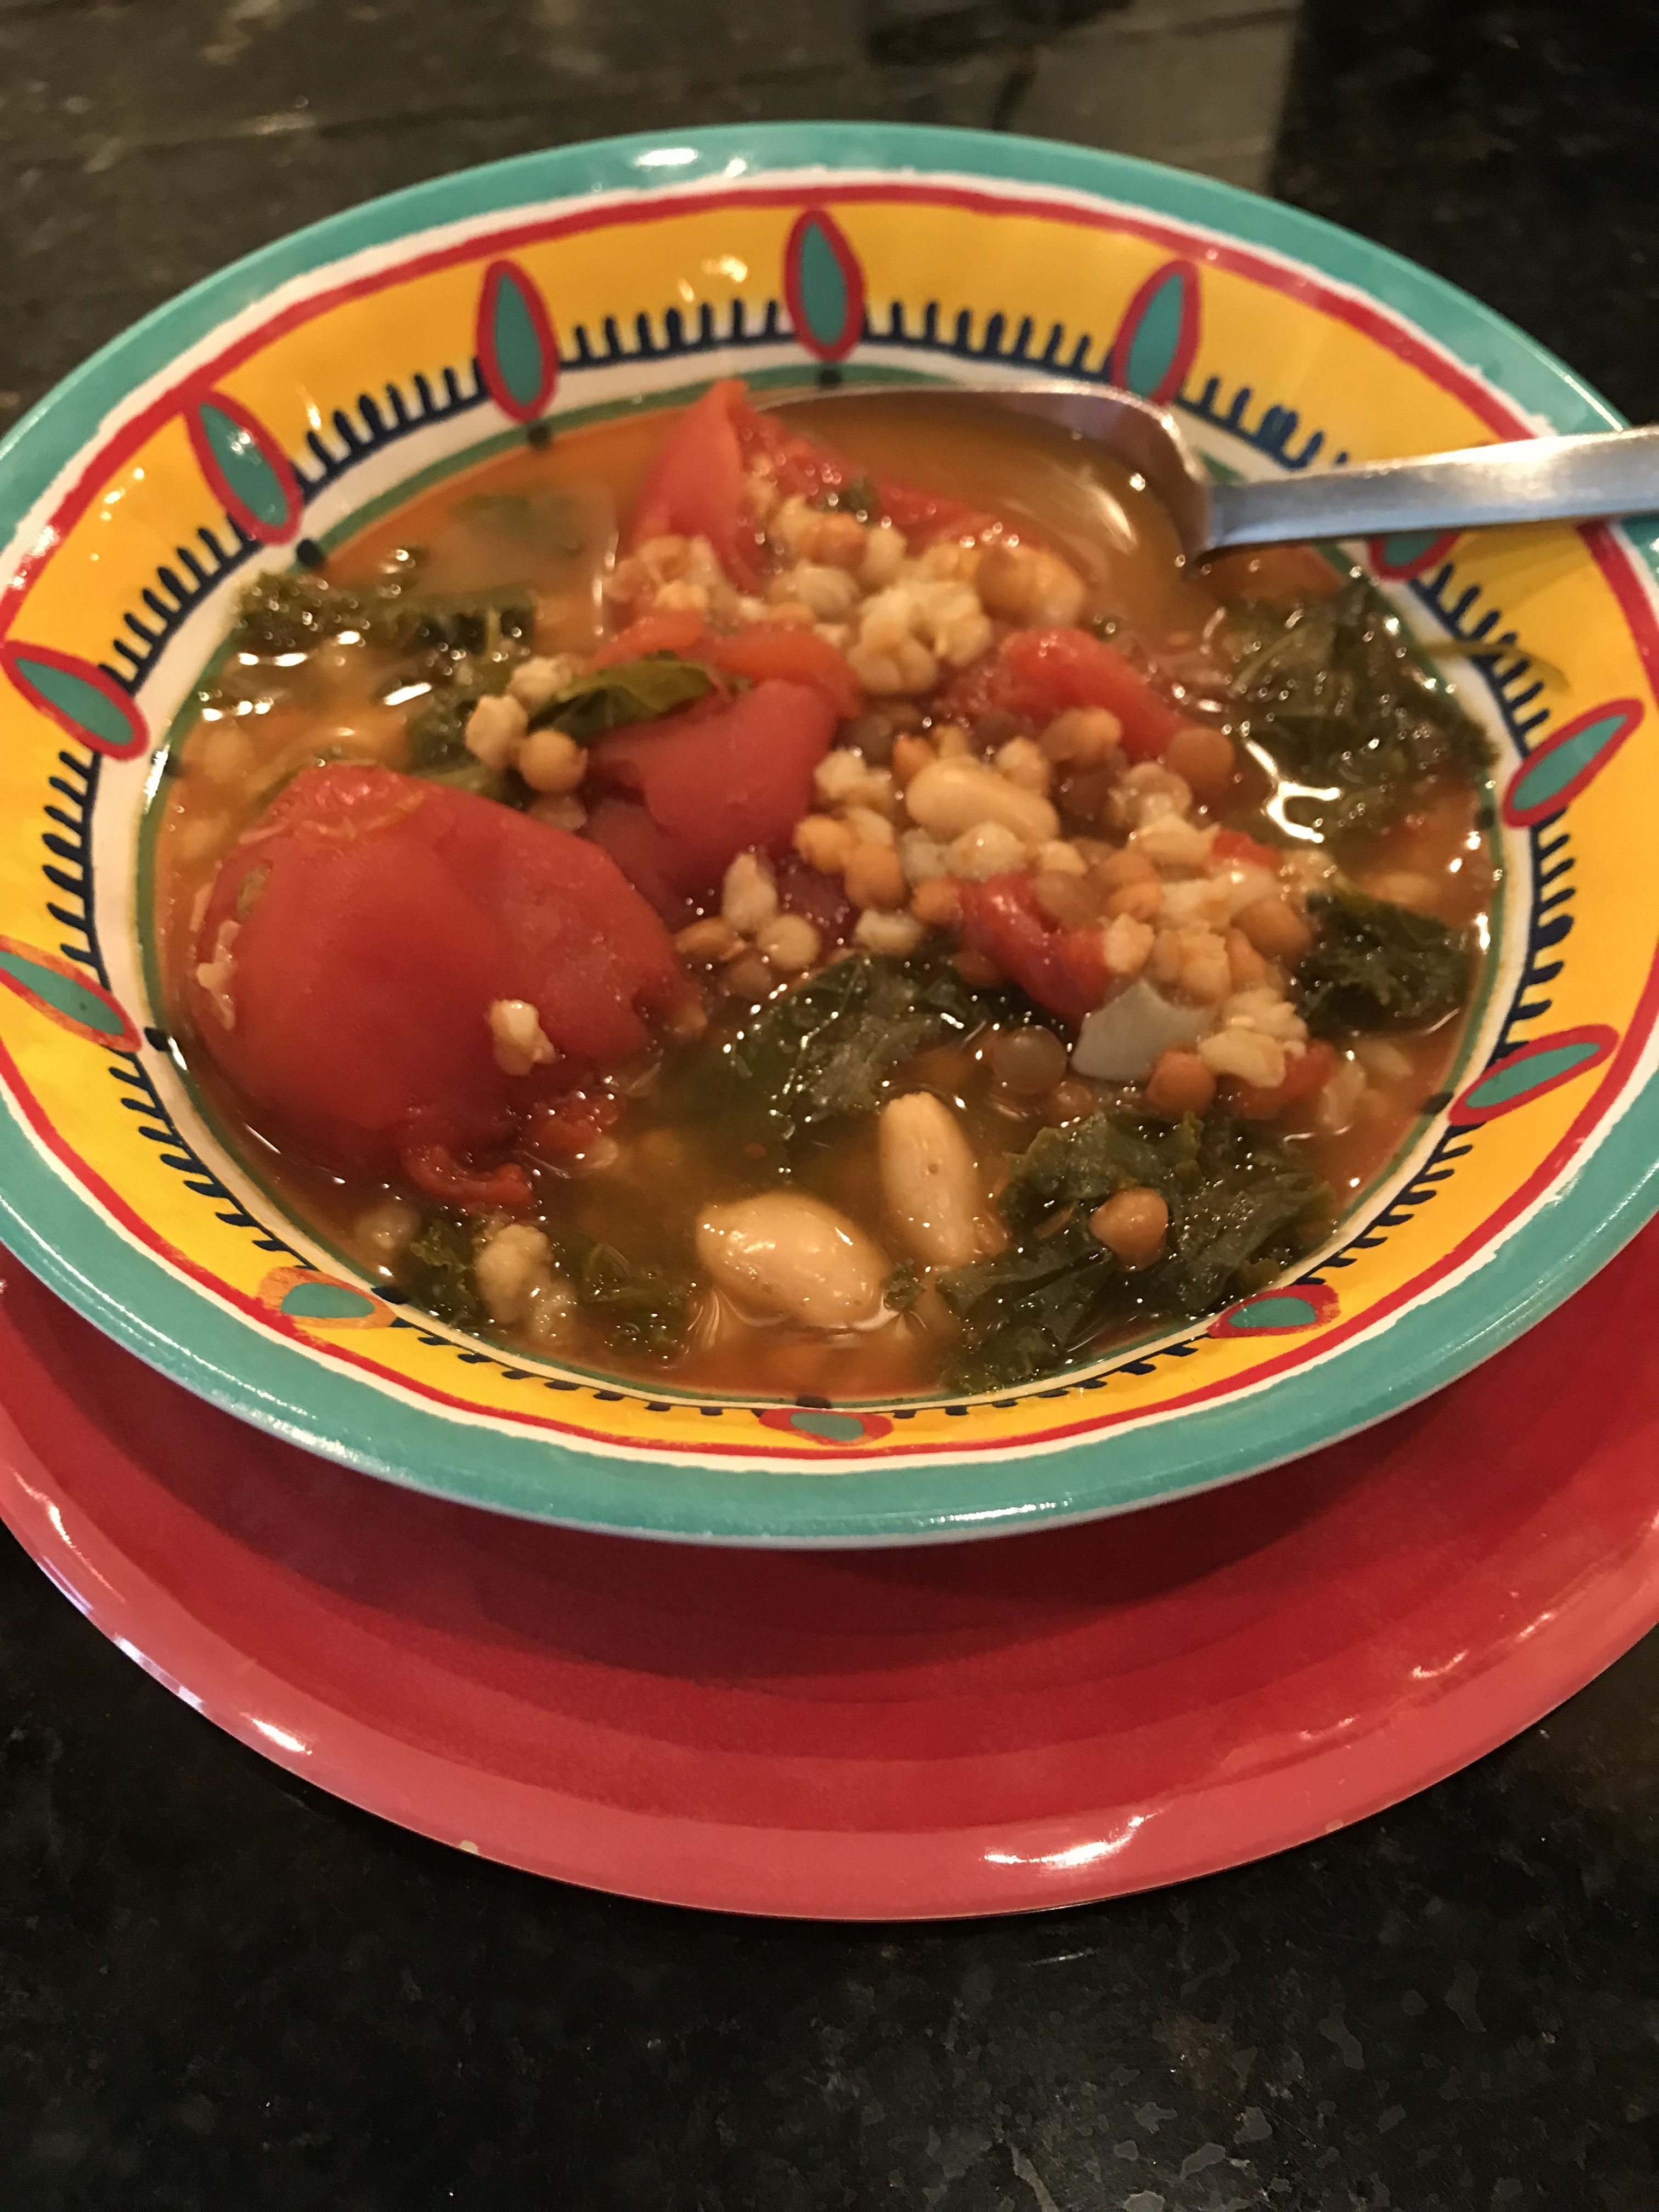 Weight Watchers 1 Point Veggie Soup